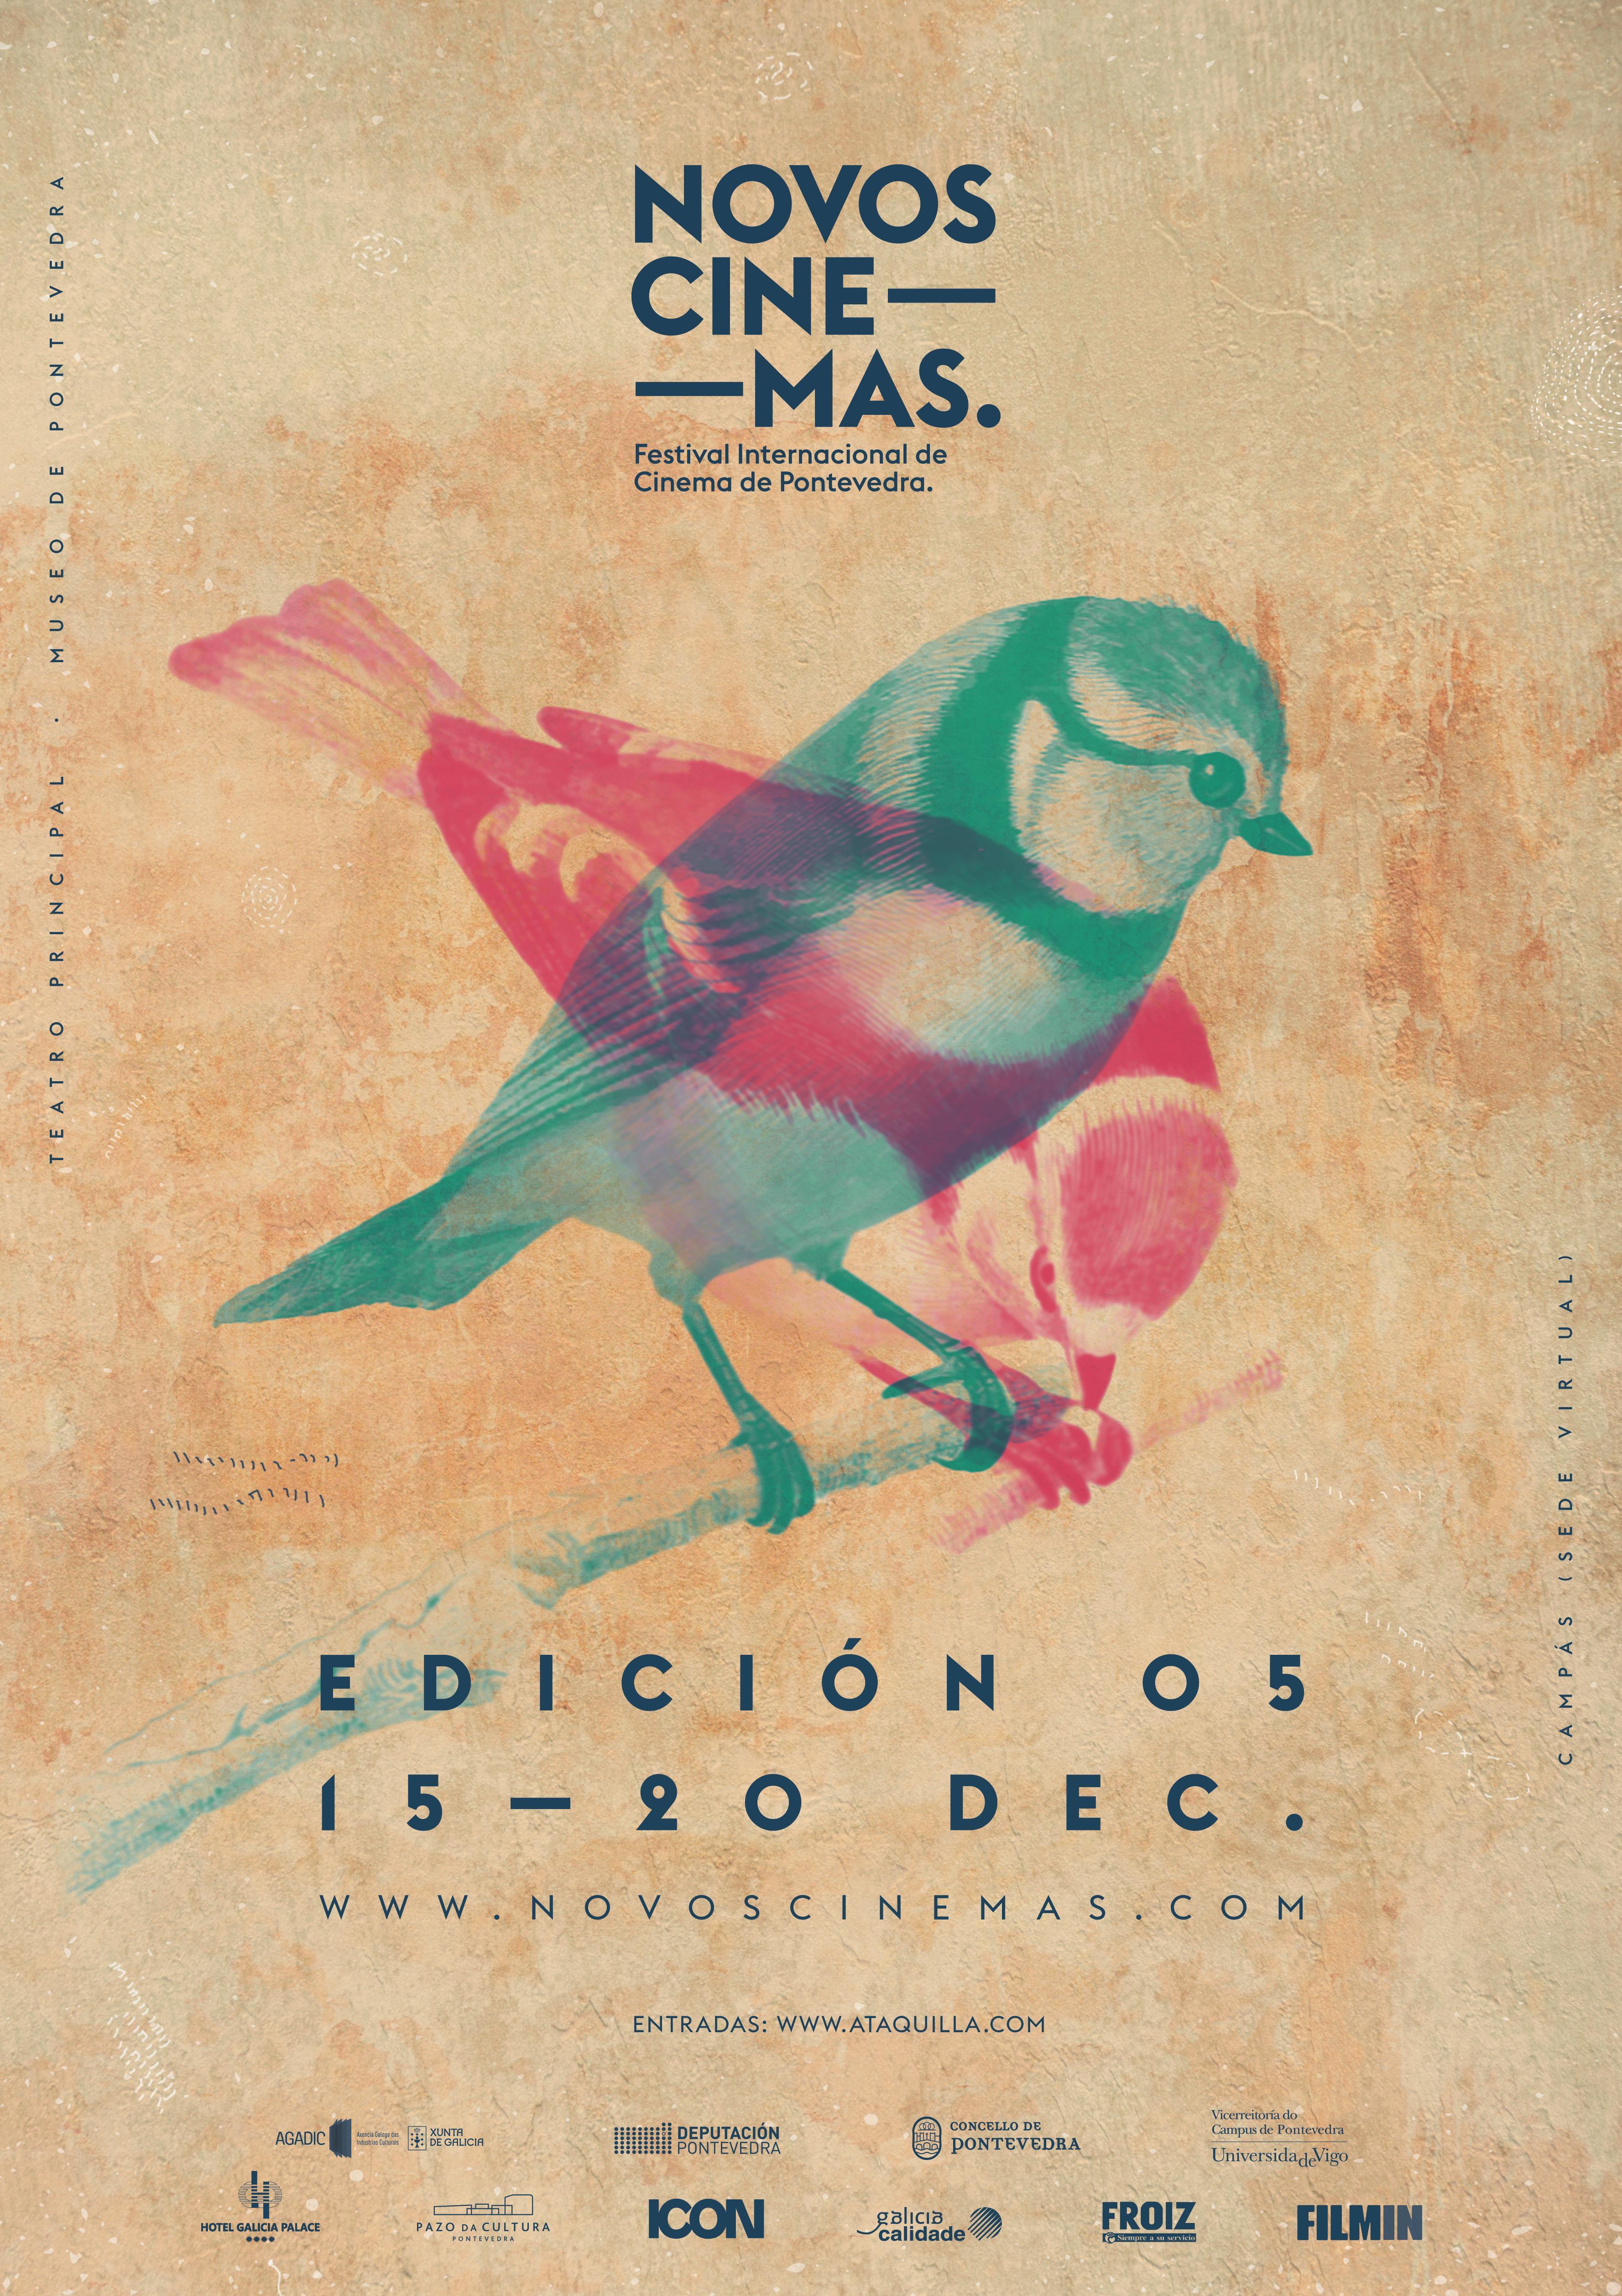 O evento emitirá os seus contidos nunha canle propia da plataforma Filmin entre o 15 e o 20 de decembro